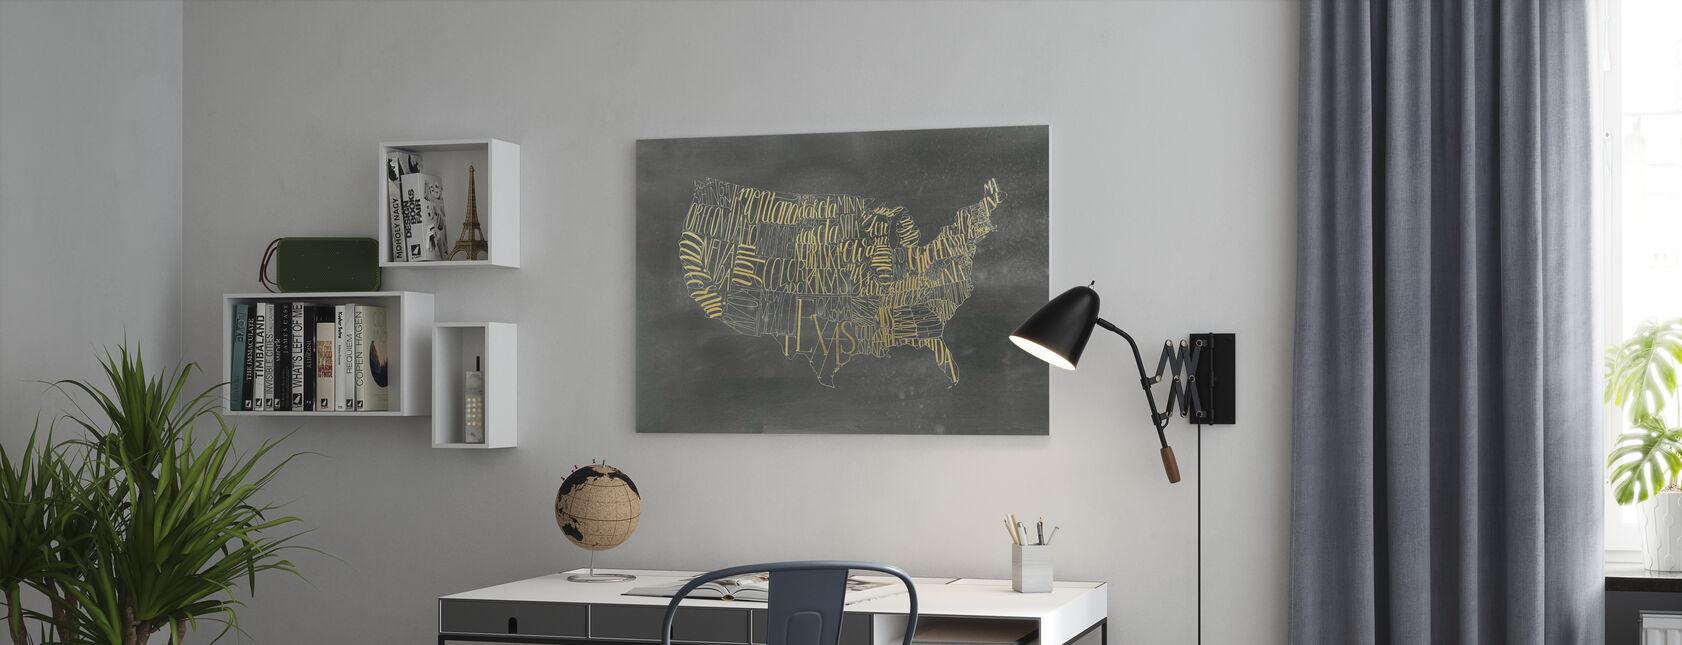 USA Map on Black Wash - Canvastaulu - Toimisto